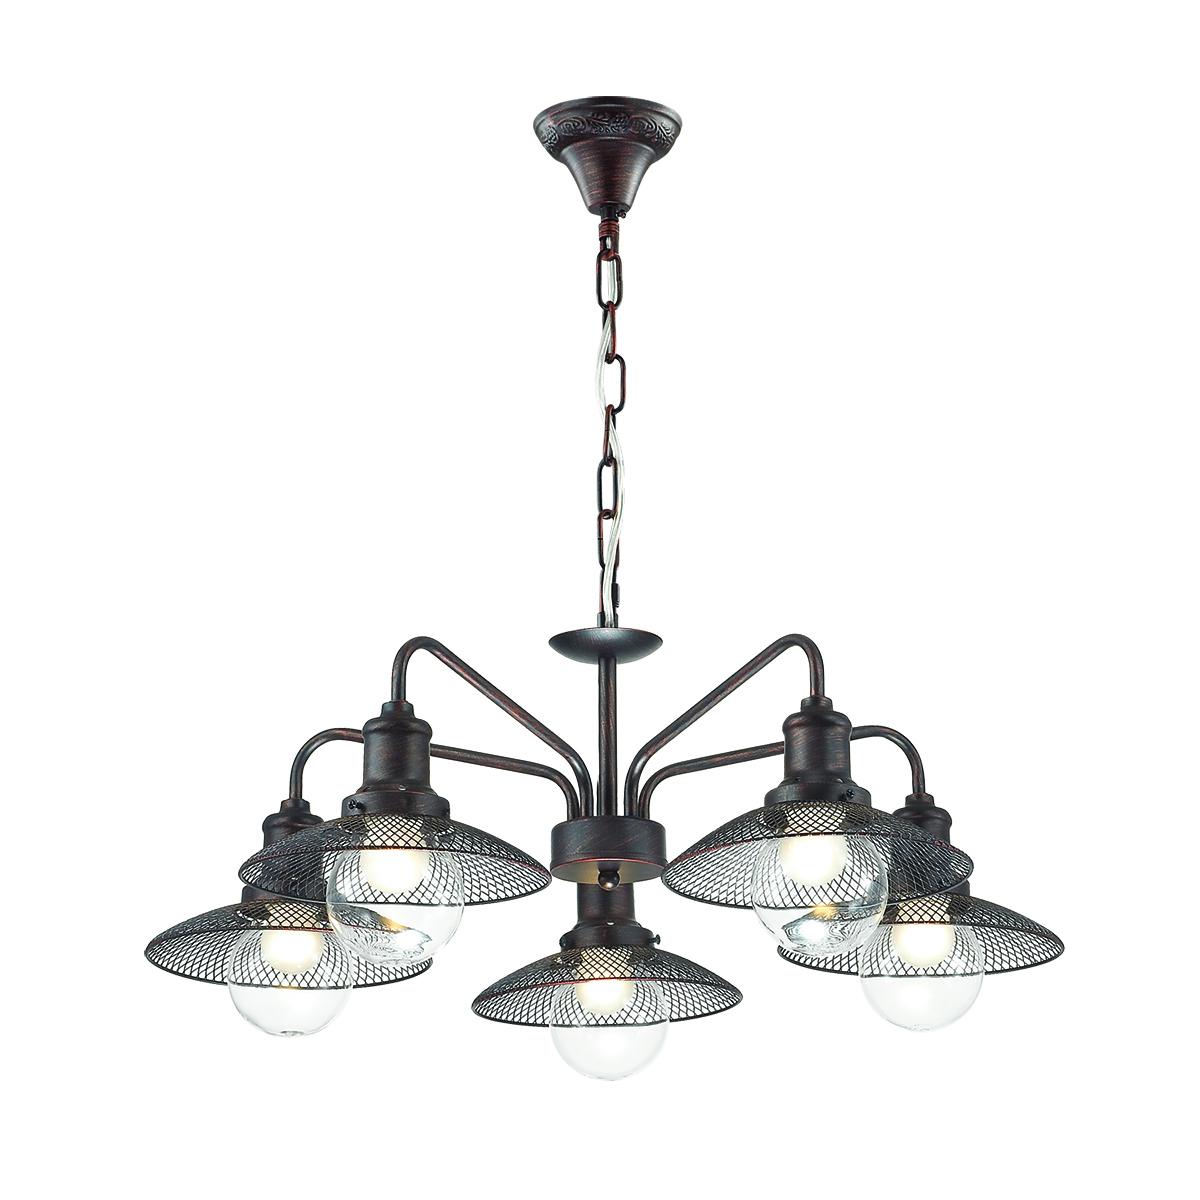 Подвесная люстра Lumion Ludacris 3513/5, 5xE27x60W, коричневый, прозрачный, металл, стекло - фото 1